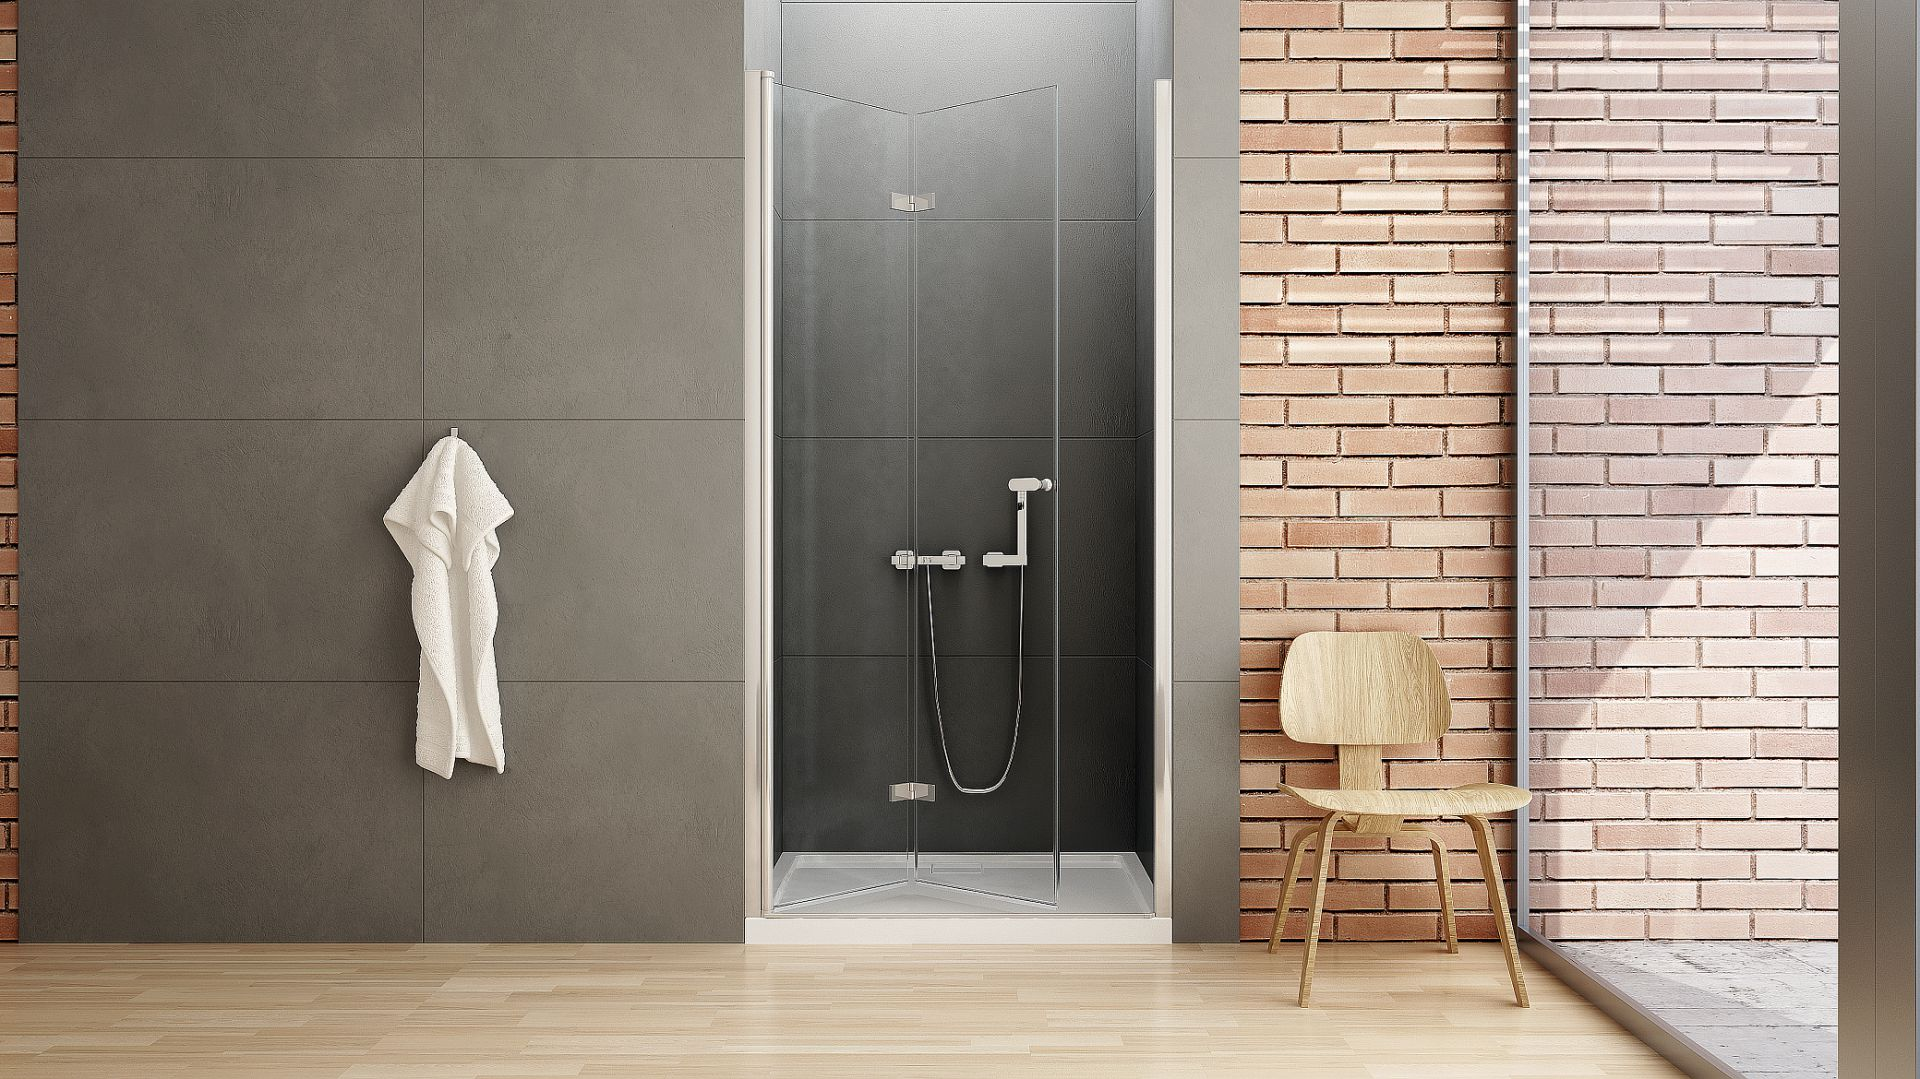 Drzwi wnękowe Soleo łamane składane do ściany. Bezpieczne szkło hartowane 6 mm z powłoką Active Shield, w rozmiarach 70x195; 80x195x 90x195; 100x195 cm, a także w opcji na wymiar. Cena: od 2.083,62 zł. Dostępne w ofercie firmy New Trendy. Fot. New Trendy